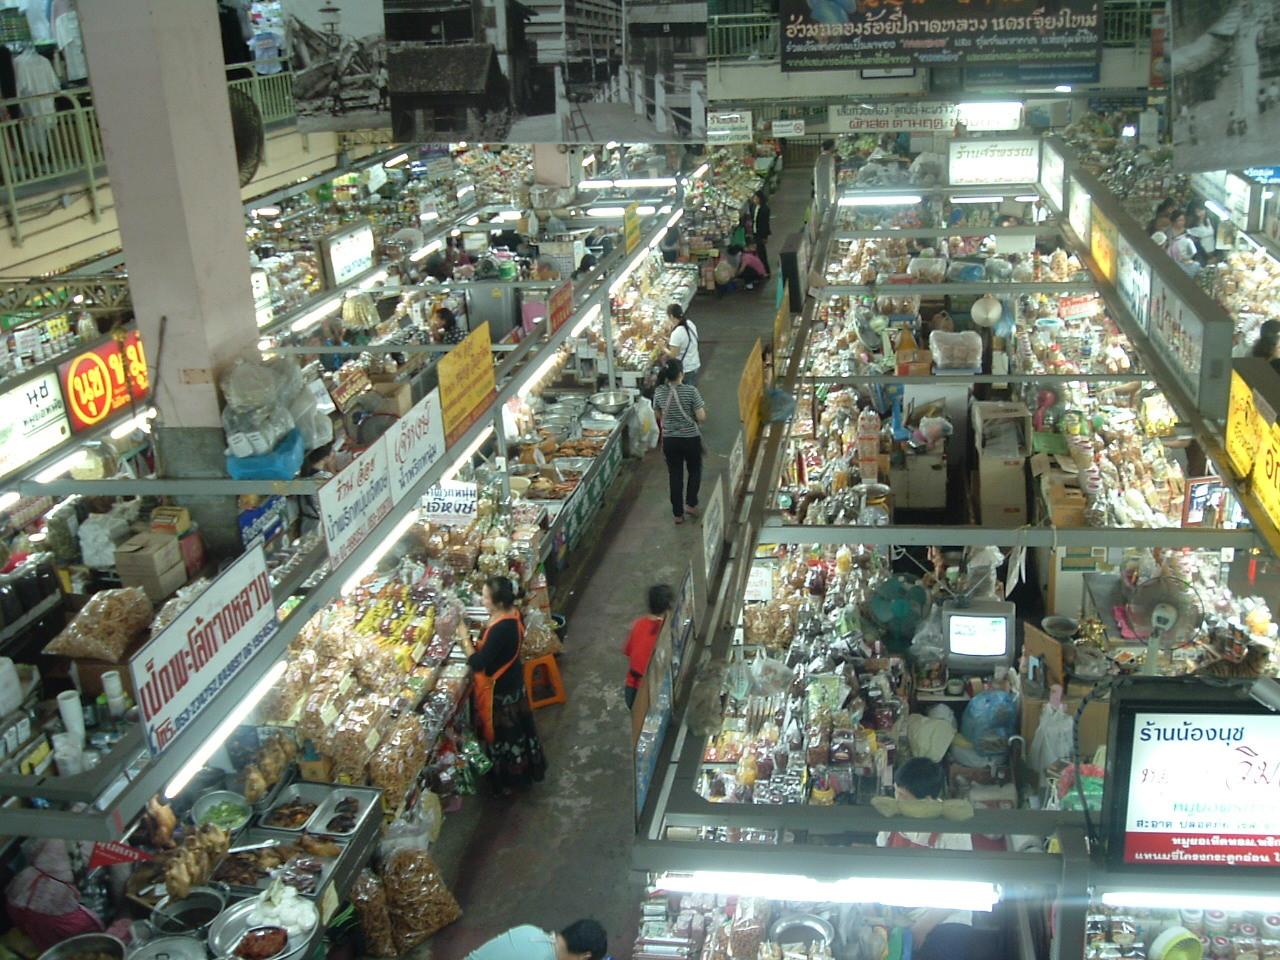 f:id:huixing:20111214002023j:image